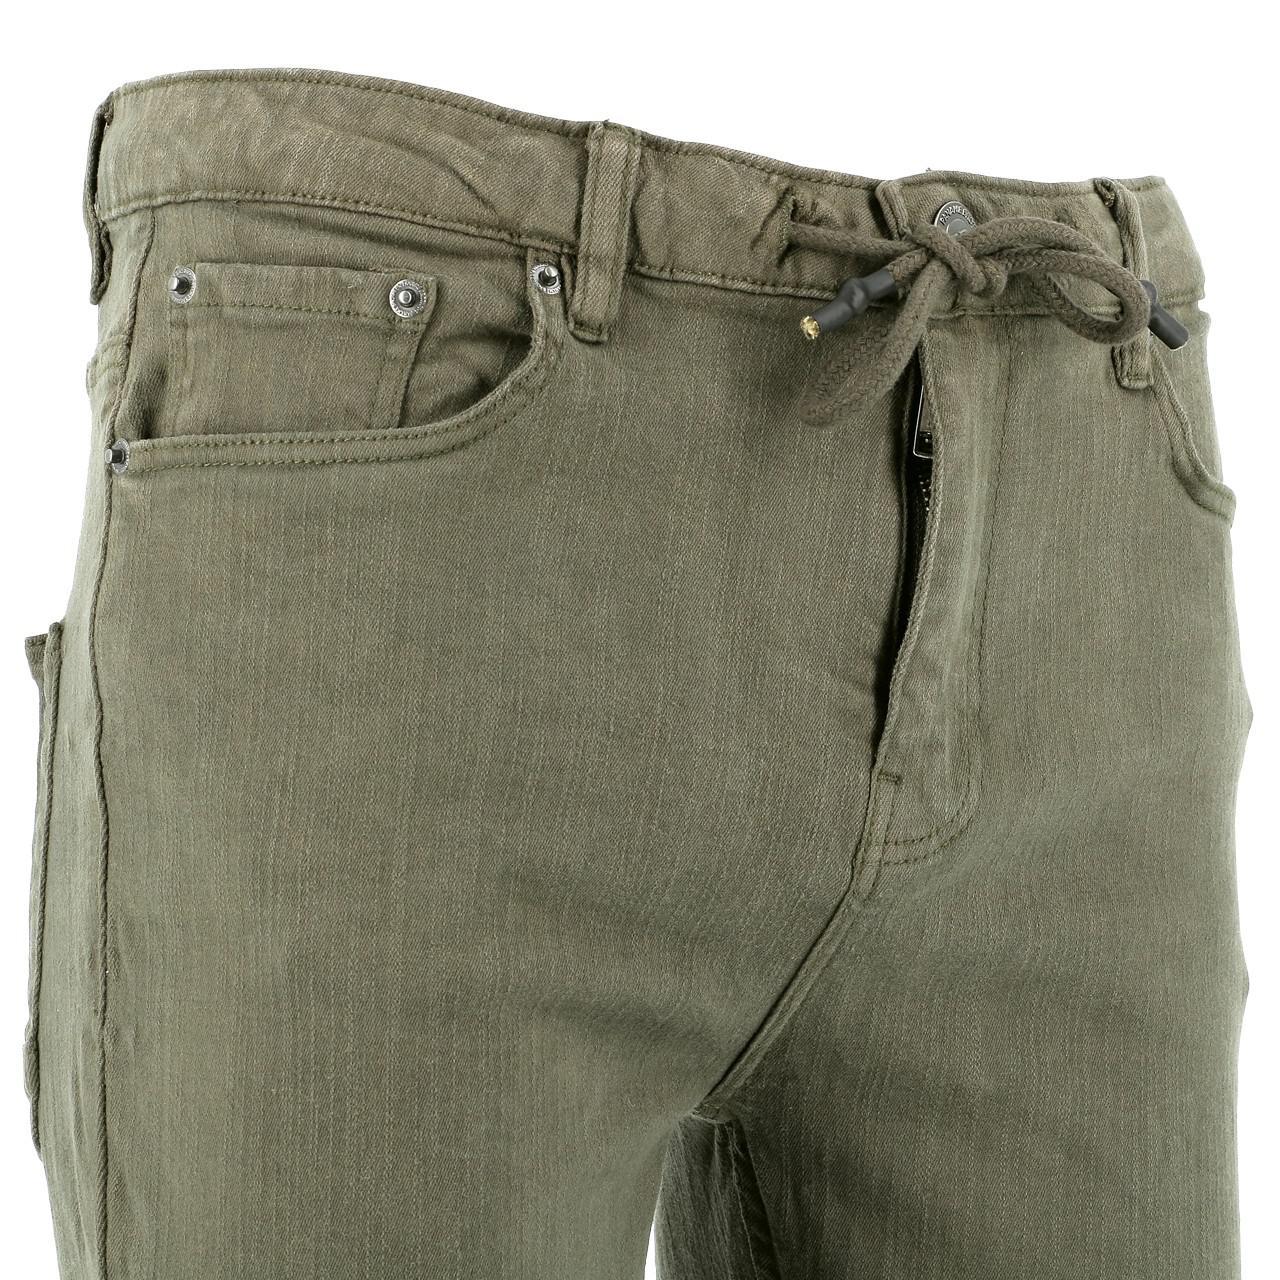 Jeans-Pants-Paname-brothers-Japa-Khaki-Jeans-Green-17196-New thumbnail 3